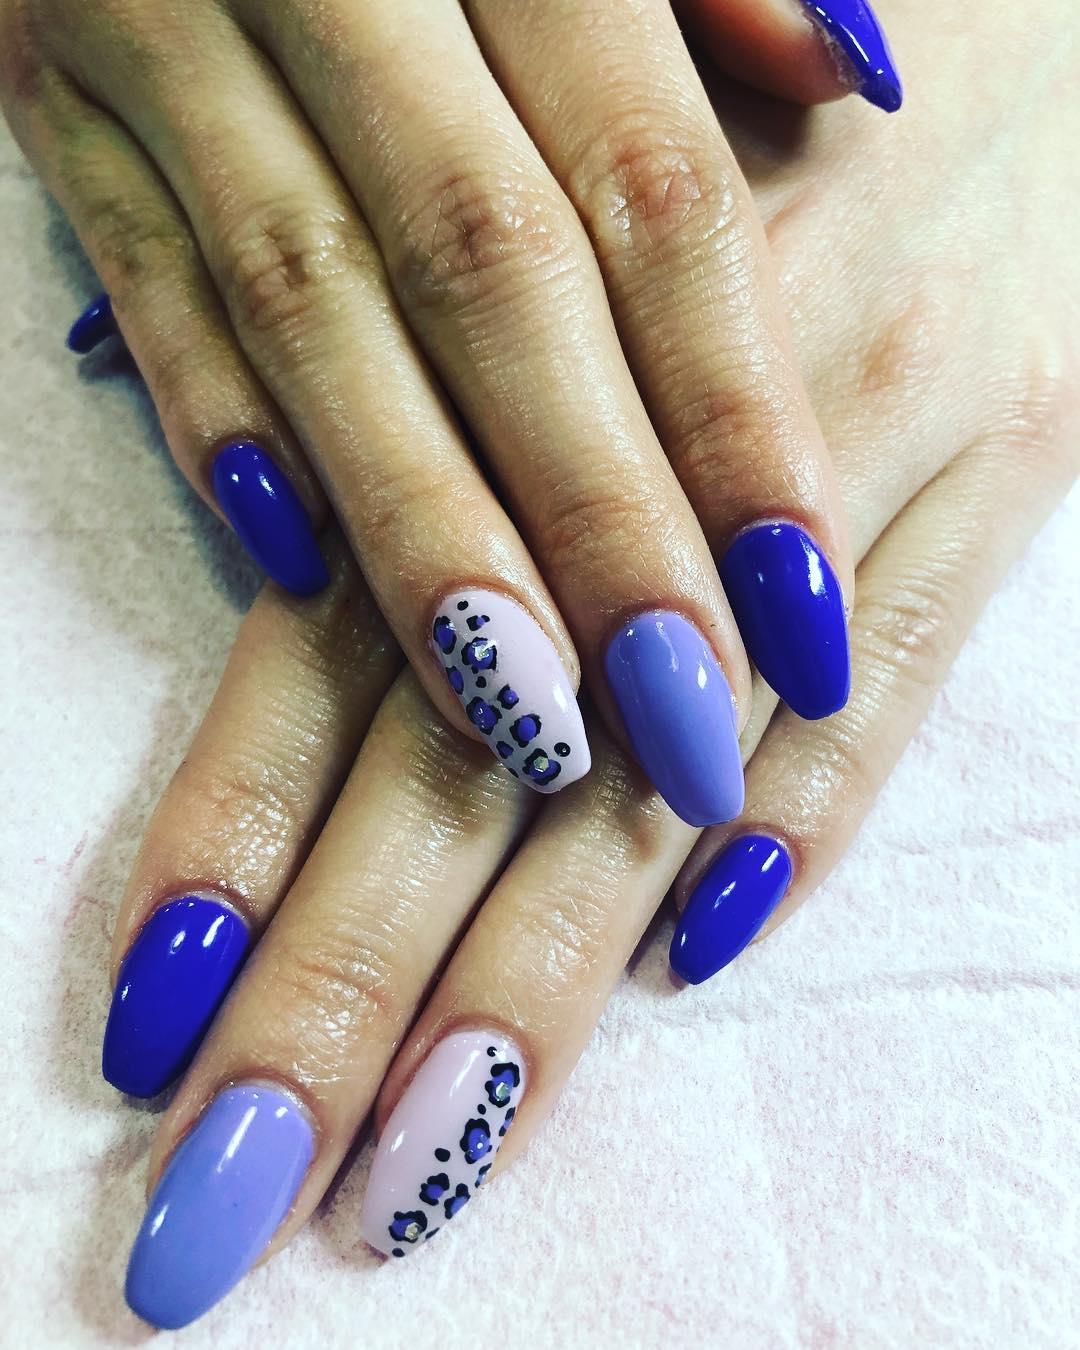 Semi-permanente com decoração # decoraciondeuñas #lescala # unhas #costabrava # unhas ...